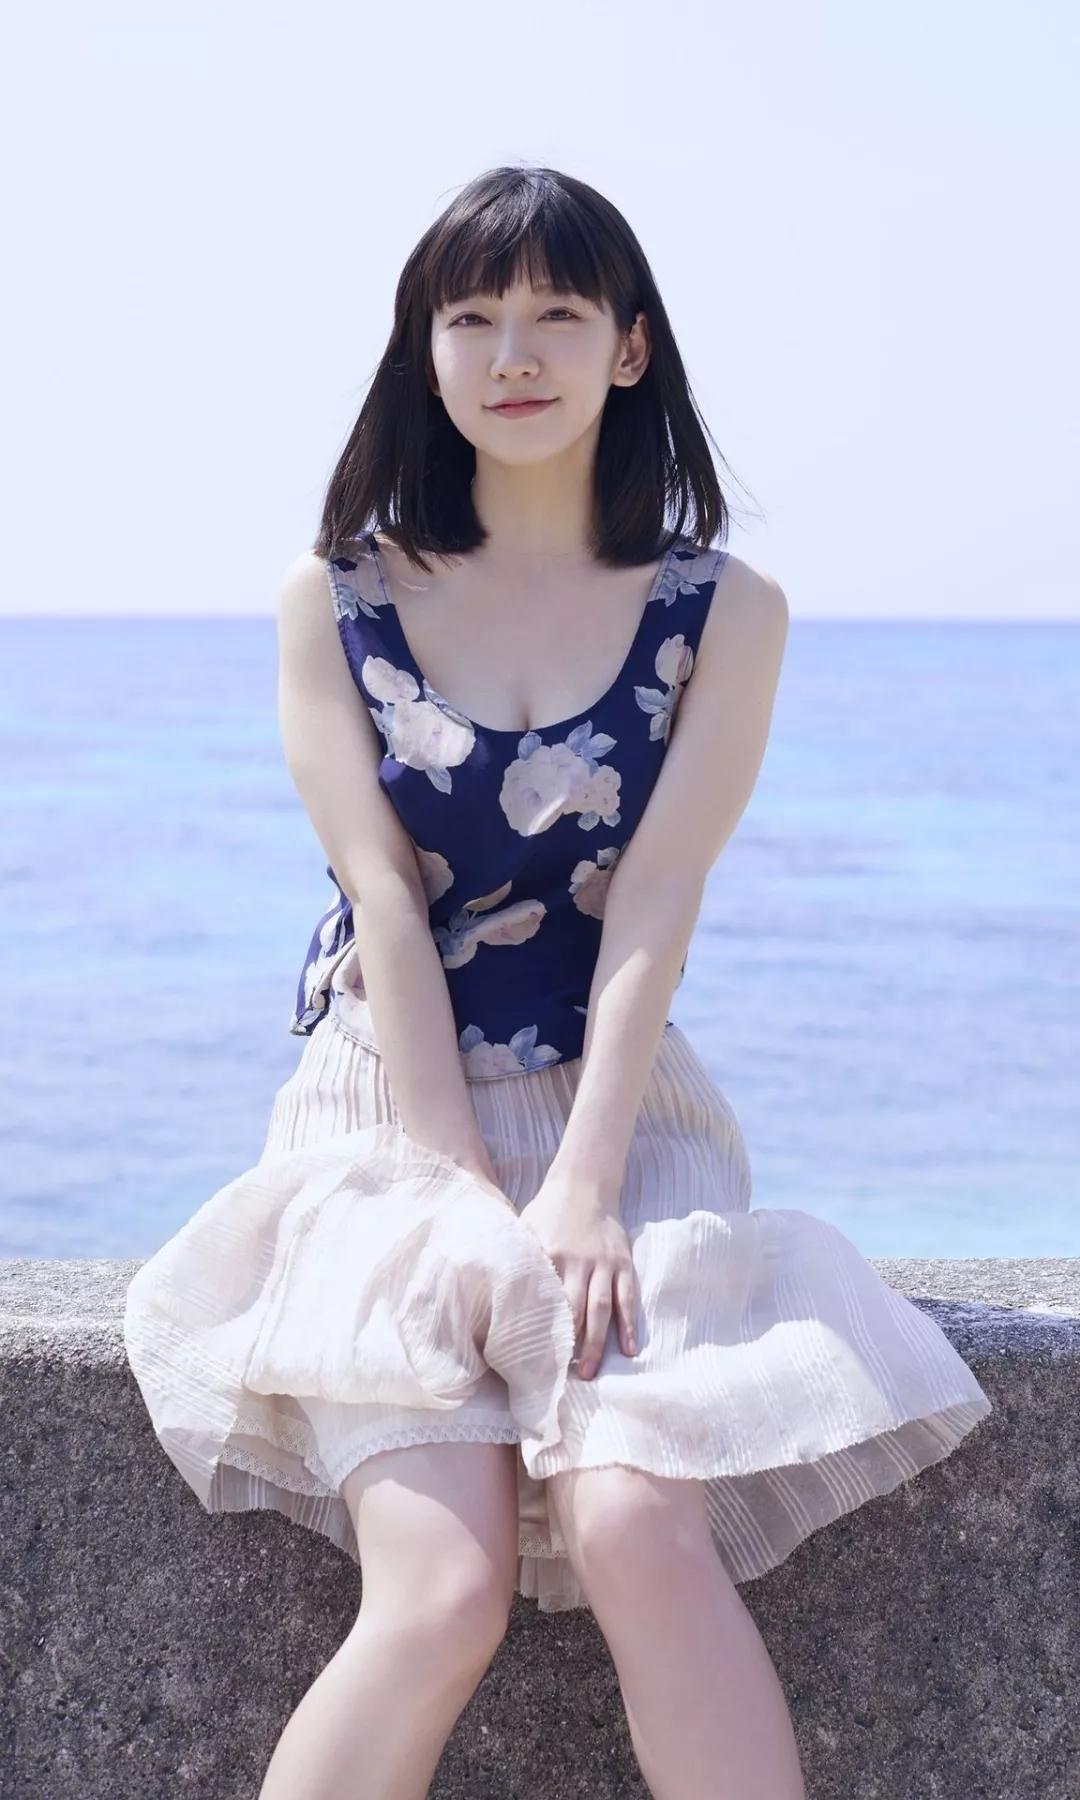 吉冈里帆 写真集Riho (9)